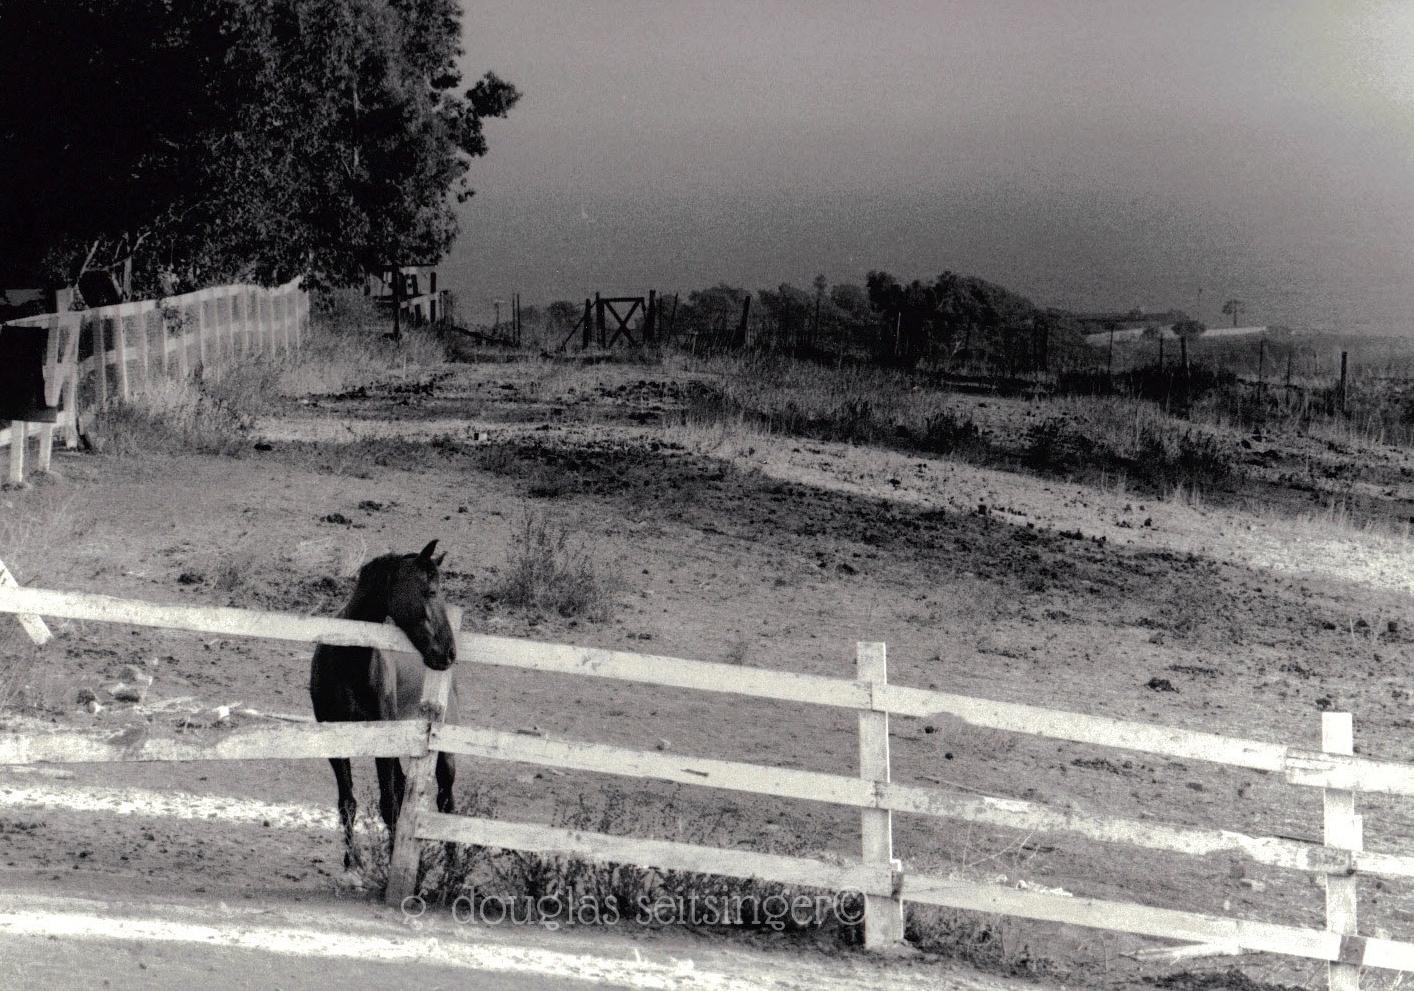 Rural 20